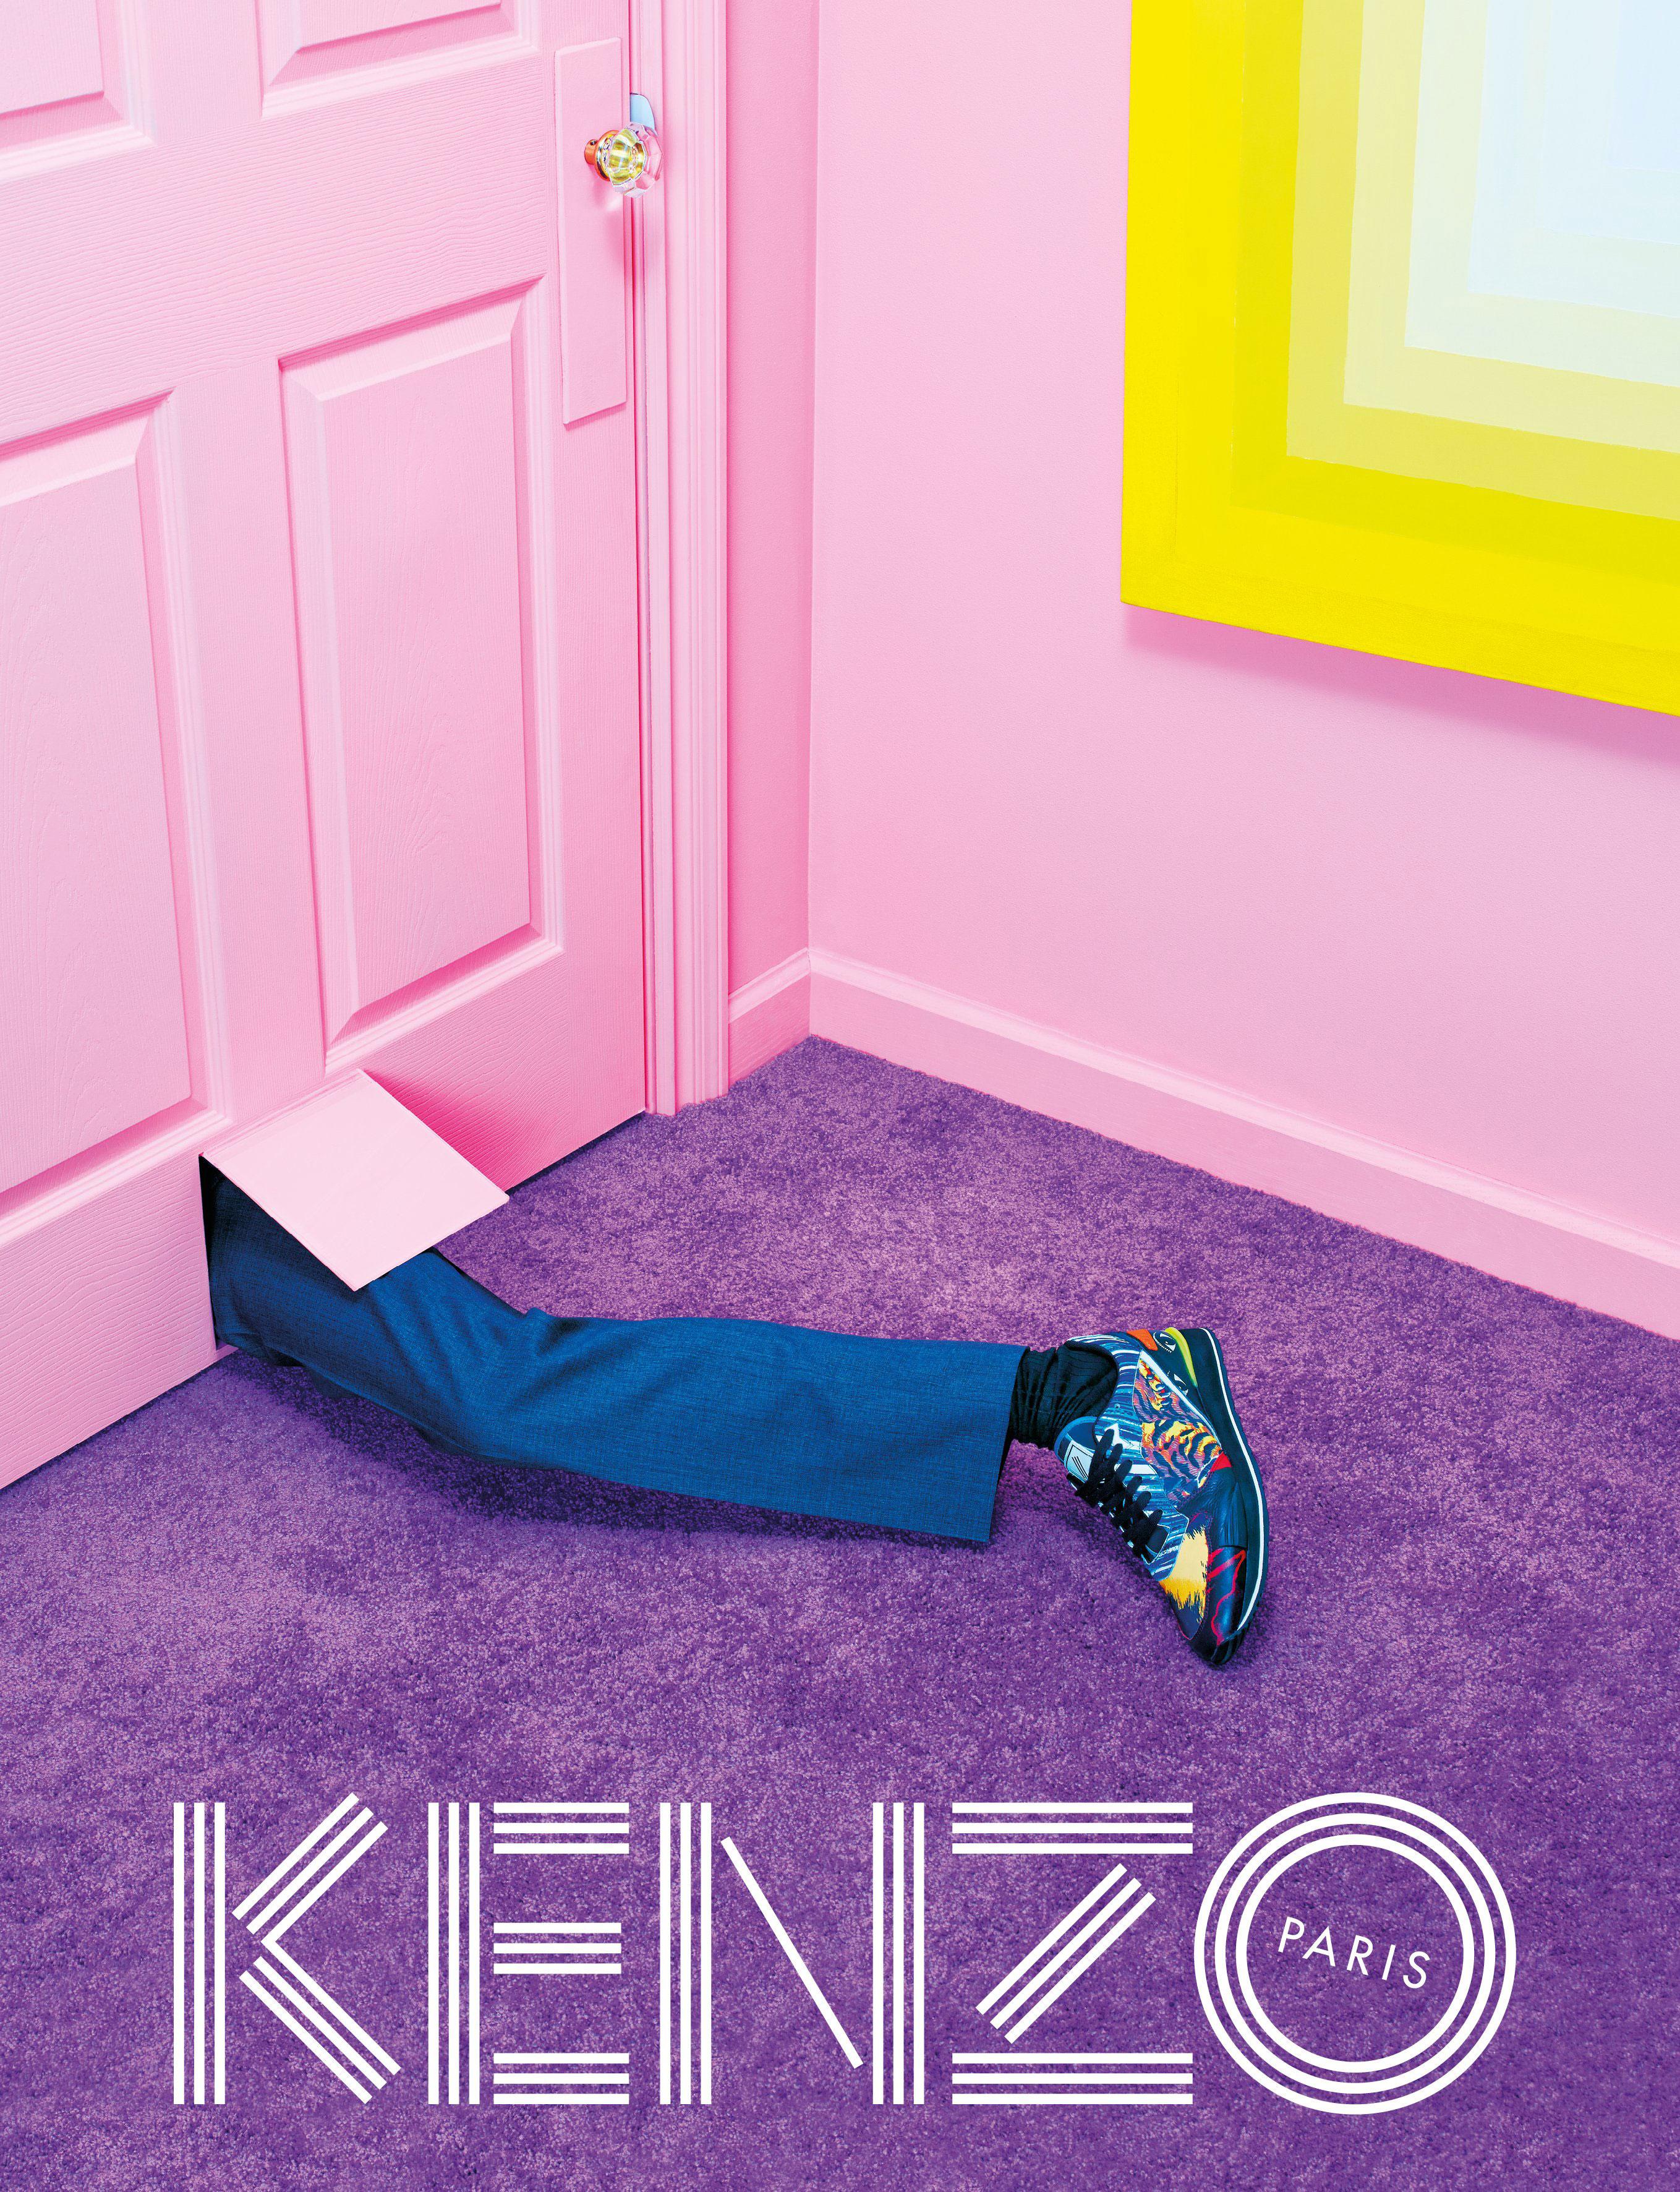 07-kenzo-ad-1